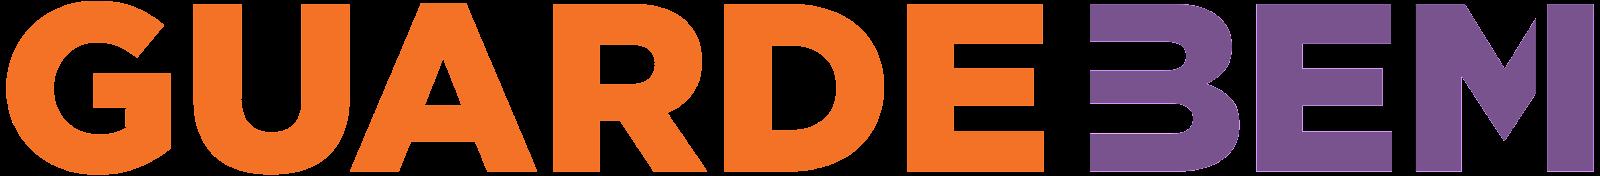 Guarde-Bem-Logo-Fundo-Transparente.png